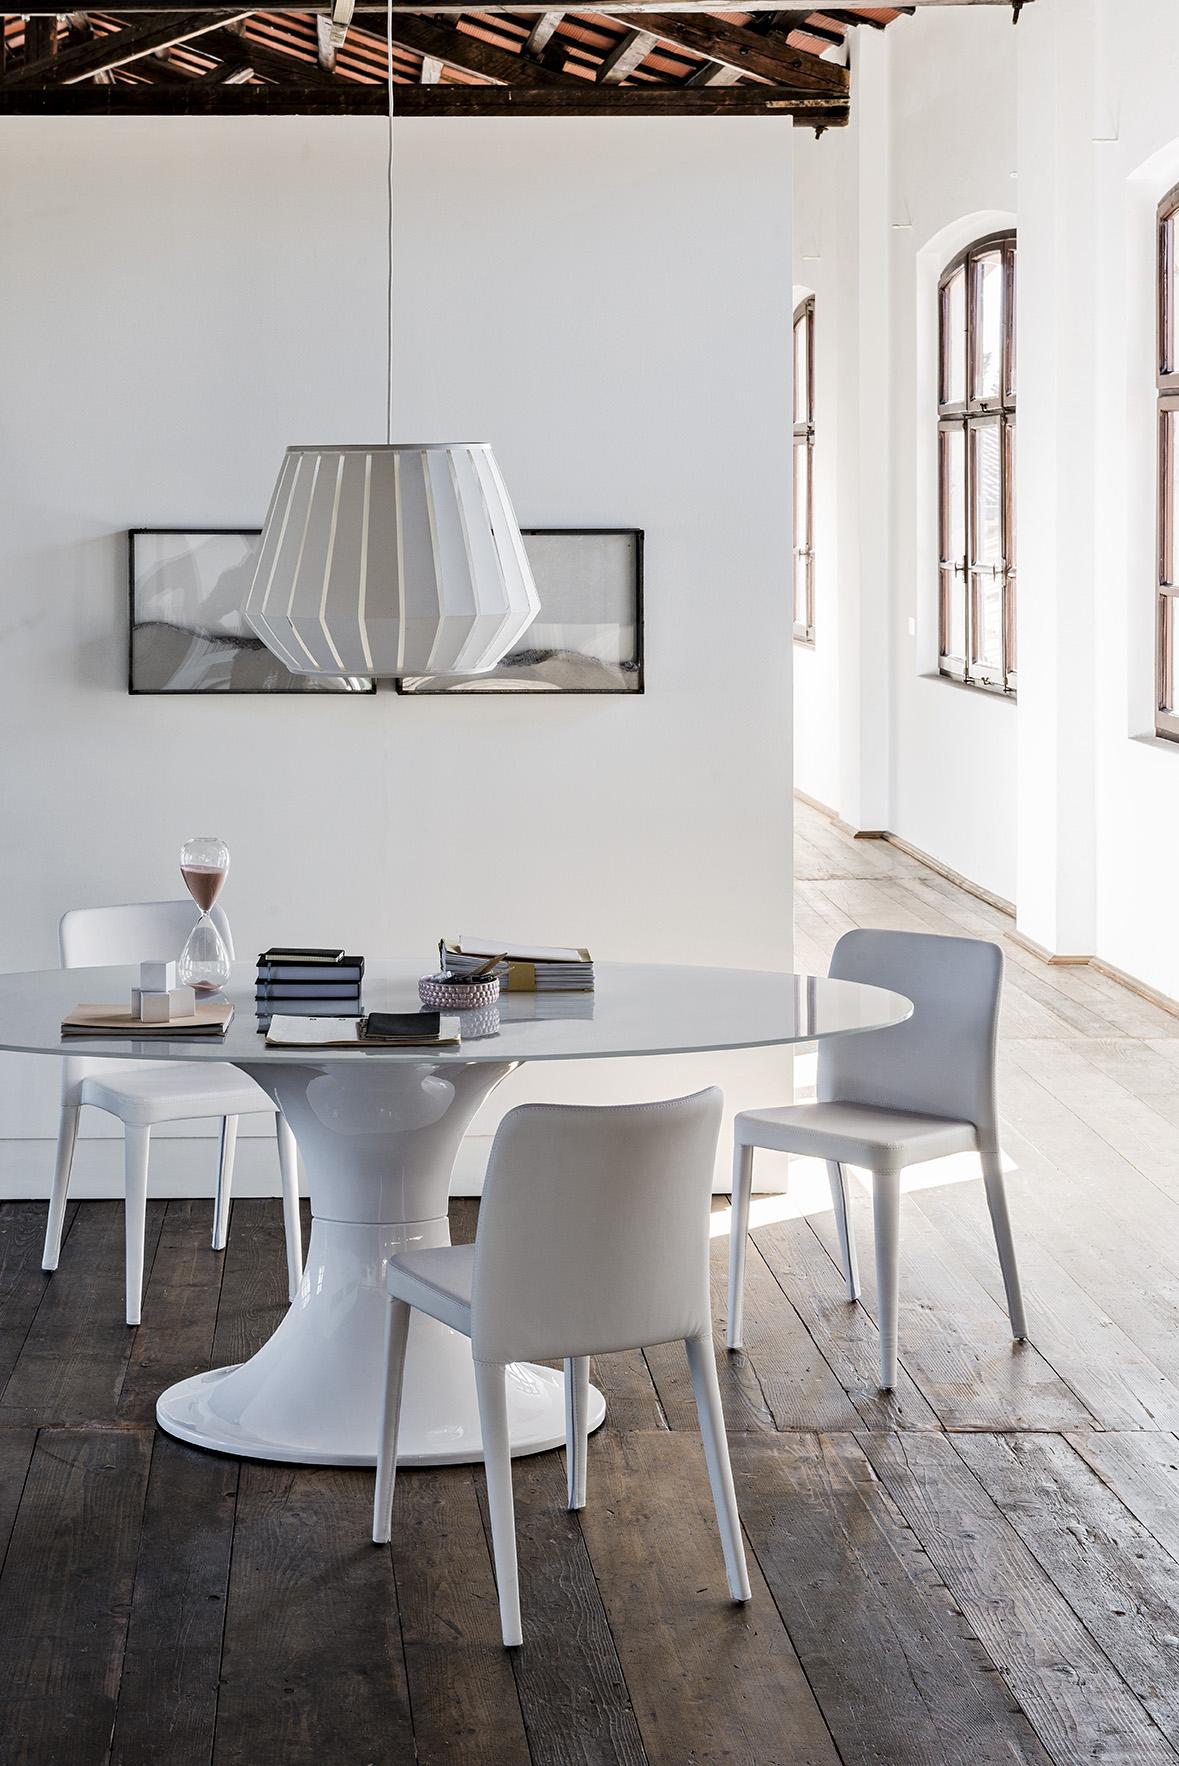 Tavolo london di midj ovale - Tavolo di vetro ovale ...